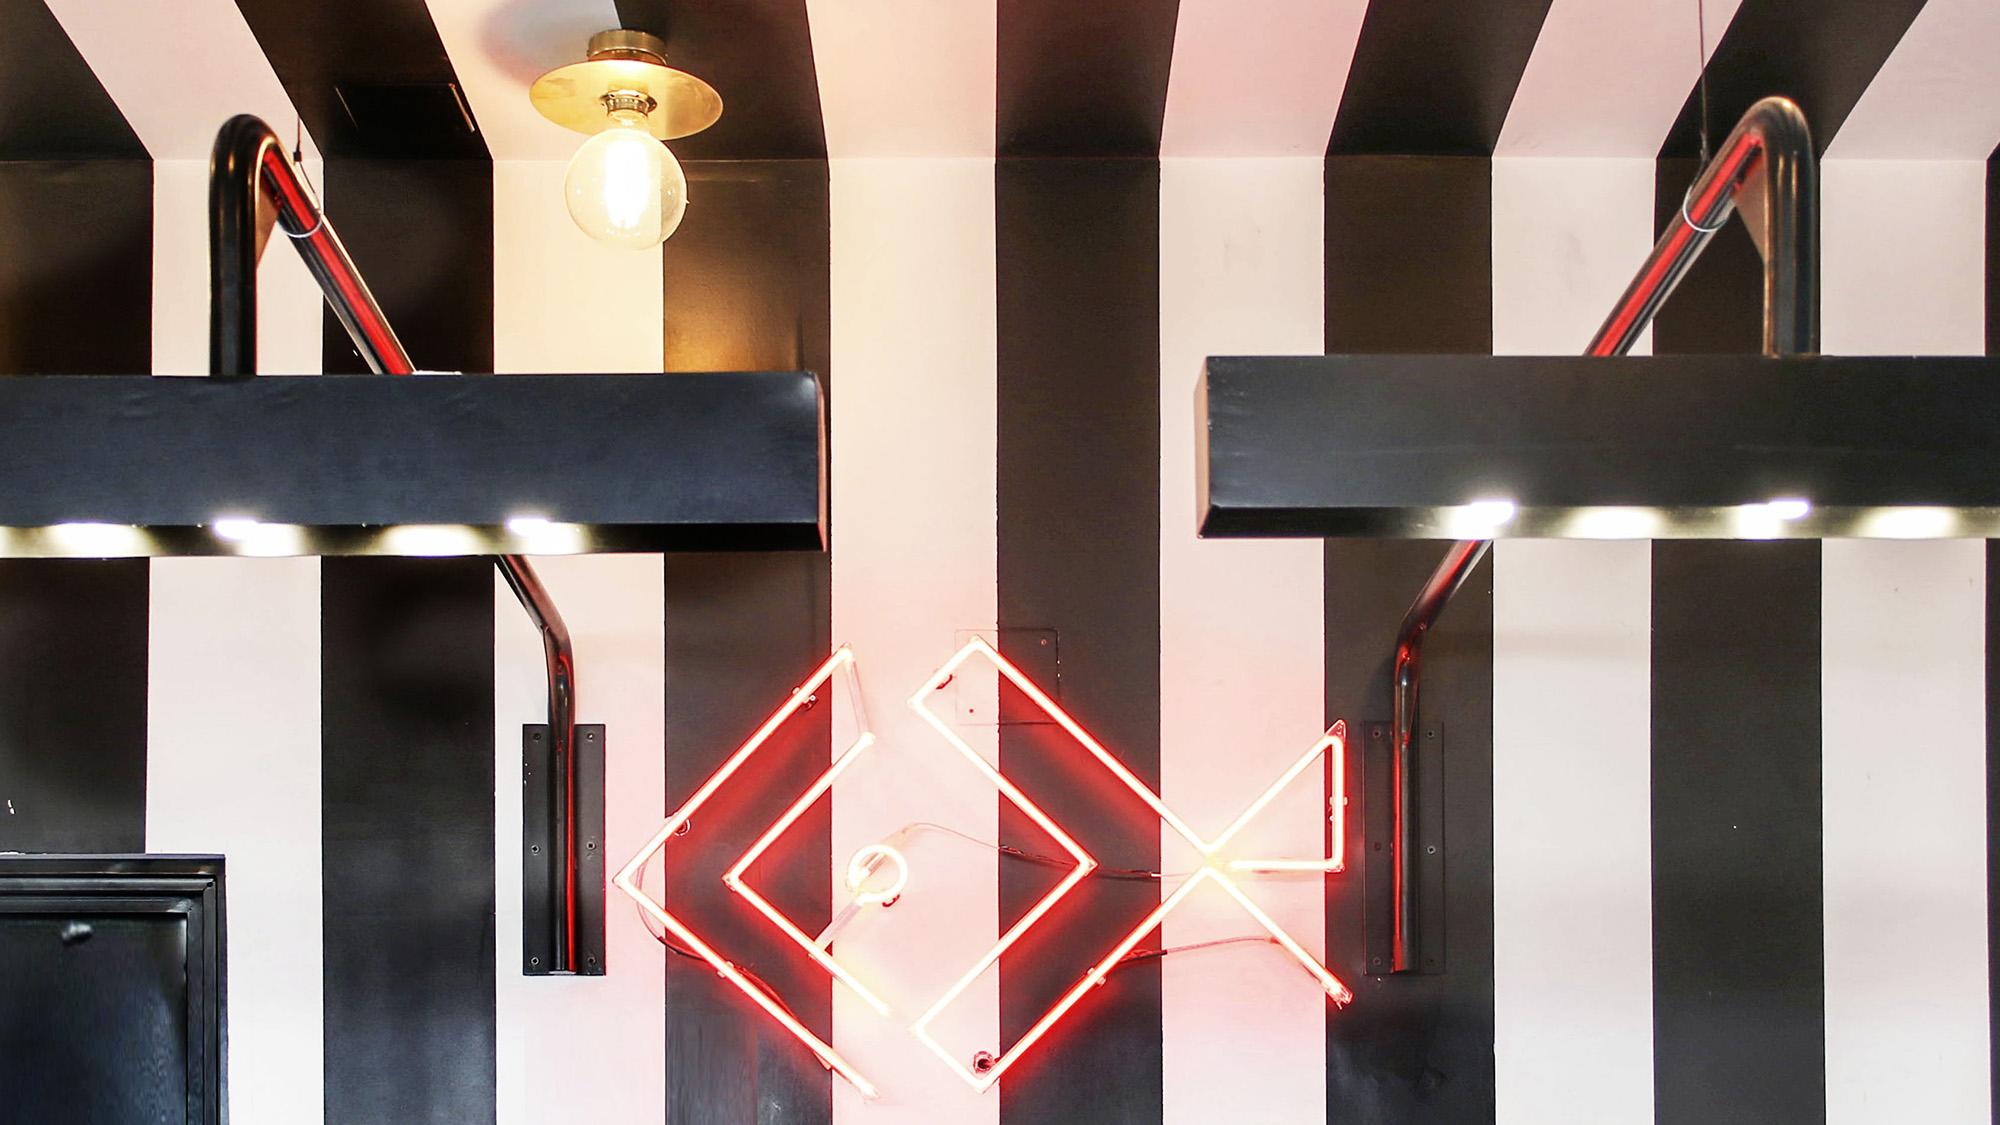 logo de restaurante cevichévere en neón rojo sobre pared de rayas blancas y negras con lámparas modernas y apliques en oro, todo decorado por Belén Ferrándiz